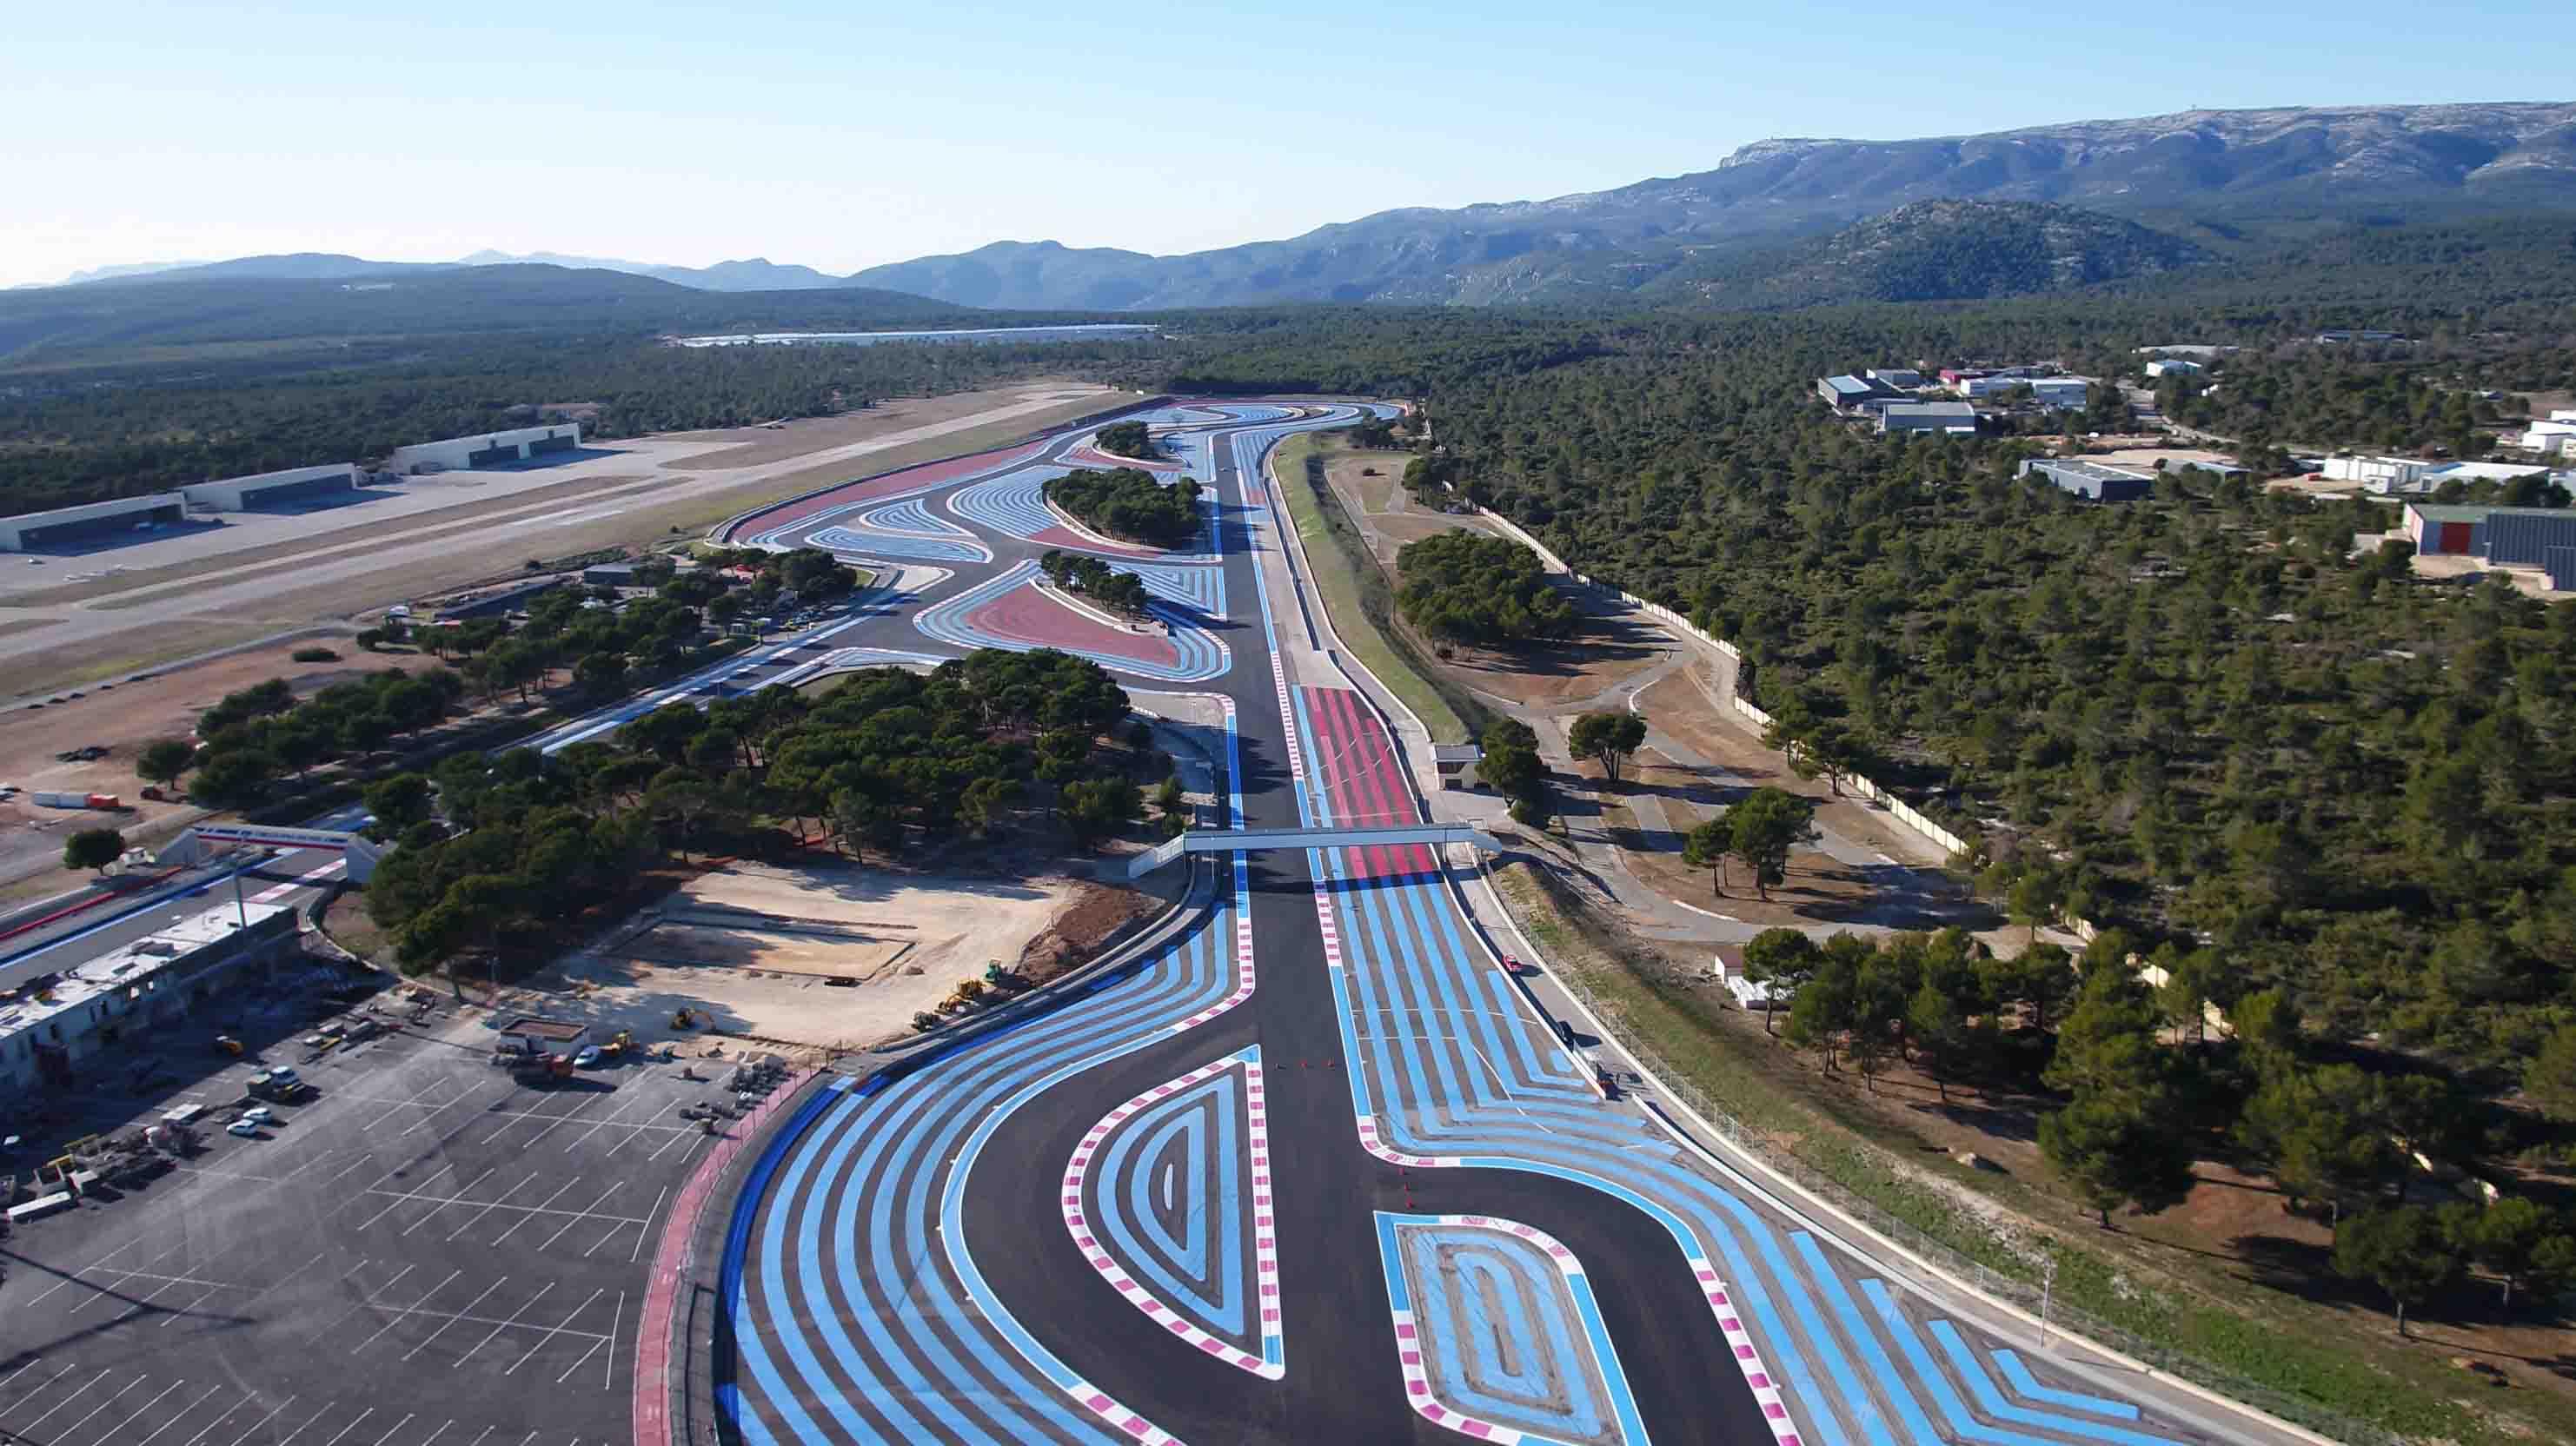 Circuit du Castellet 2018